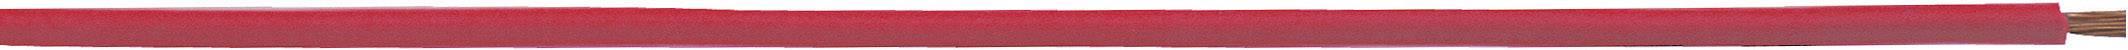 Opletenie / lanko LappKabel 4510142S H05V-K, 1 x 0.75 mm², vonkajší Ø 2.70 mm, 250 m, tmavomodrá